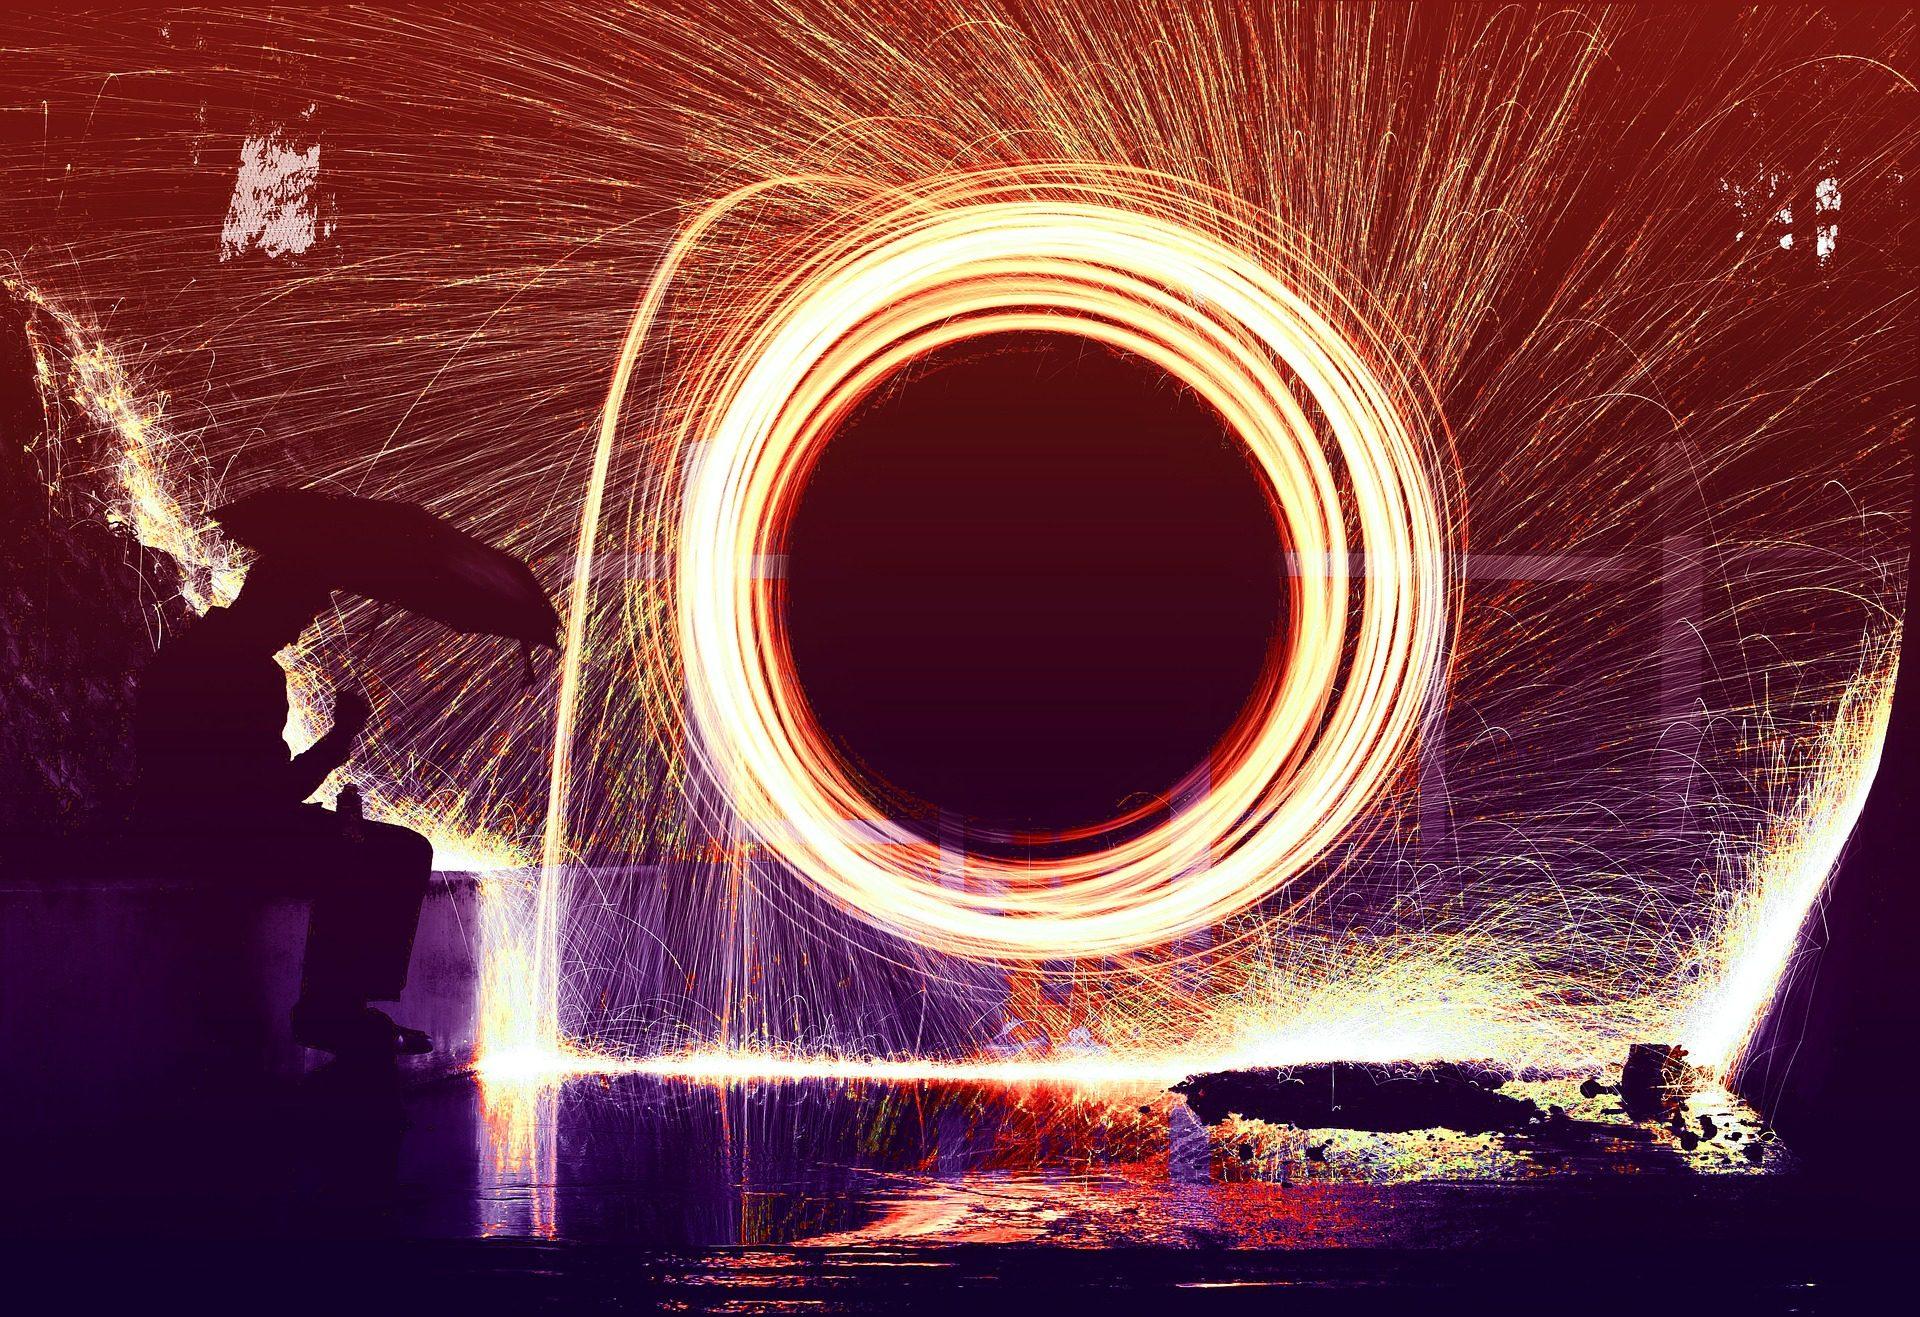 सर्पिल, आग, स्पार्क्स, पहिया, आदमी, छाता, रात - HD वॉलपेपर - प्रोफेसर-falken.com